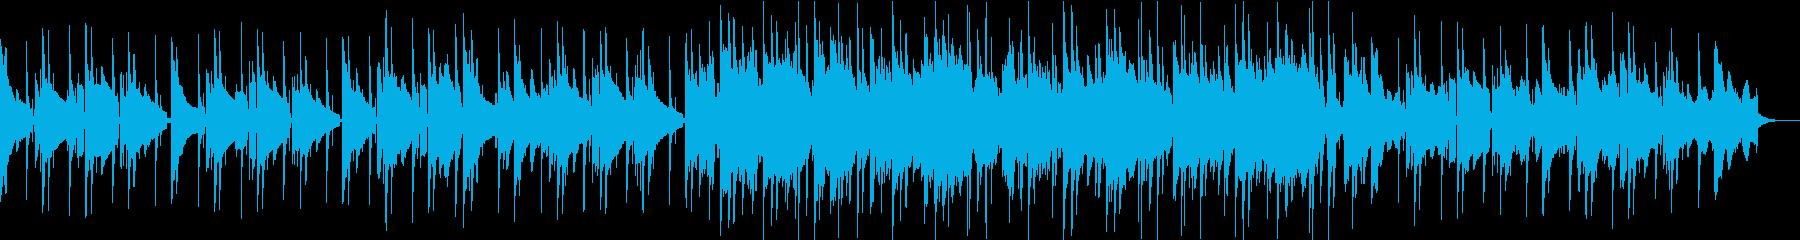 切ない雰囲気のブルージーなR&Bの再生済みの波形